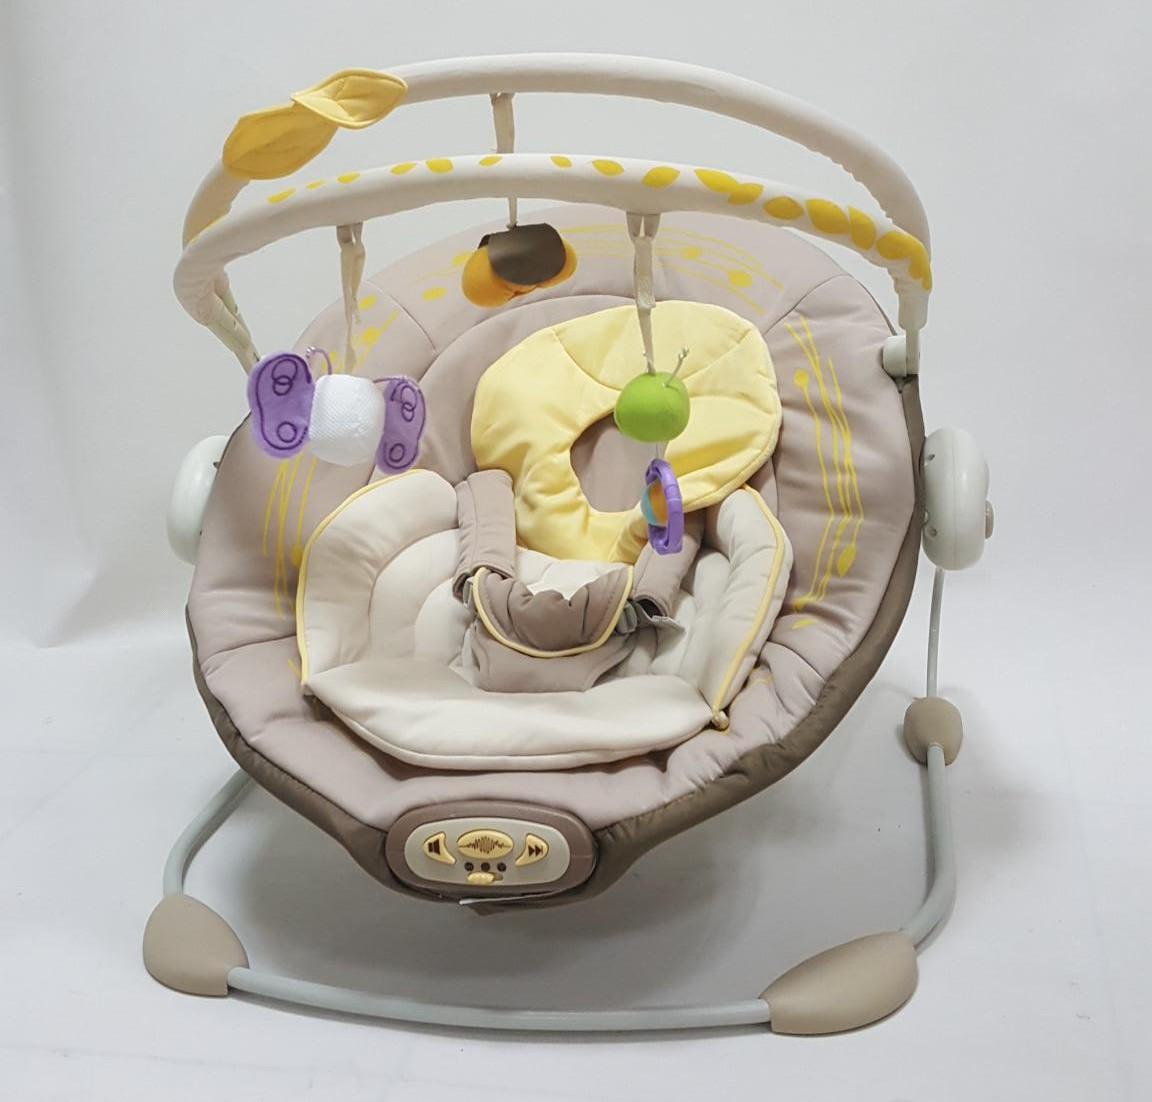 Ghế rung cho bé Konig Kids AB29000